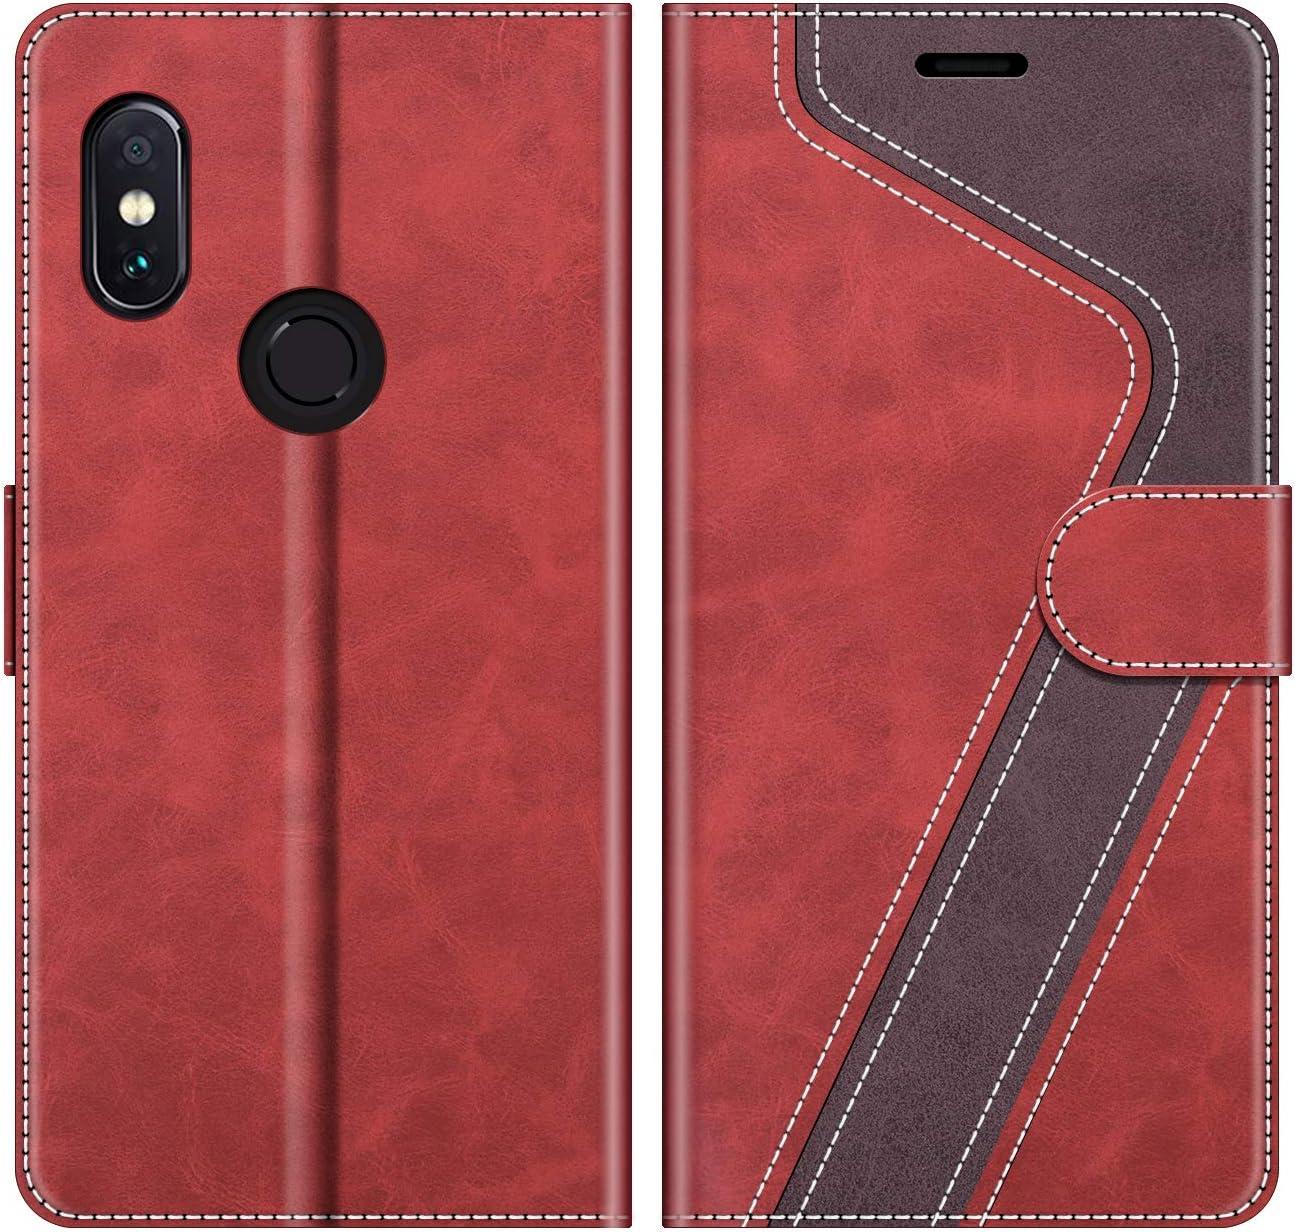 MOBESV Funda para Xiaomi Redmi Note 5, Funda Libro Xiaomi Redmi Note 5, Funda Móvil Xiaomi Redmi Note 5 Magnético Carcasa para Xiaomi Redmi Note 5 Funda con Tapa, Elegante Rojo: Amazon.es: Electrónica